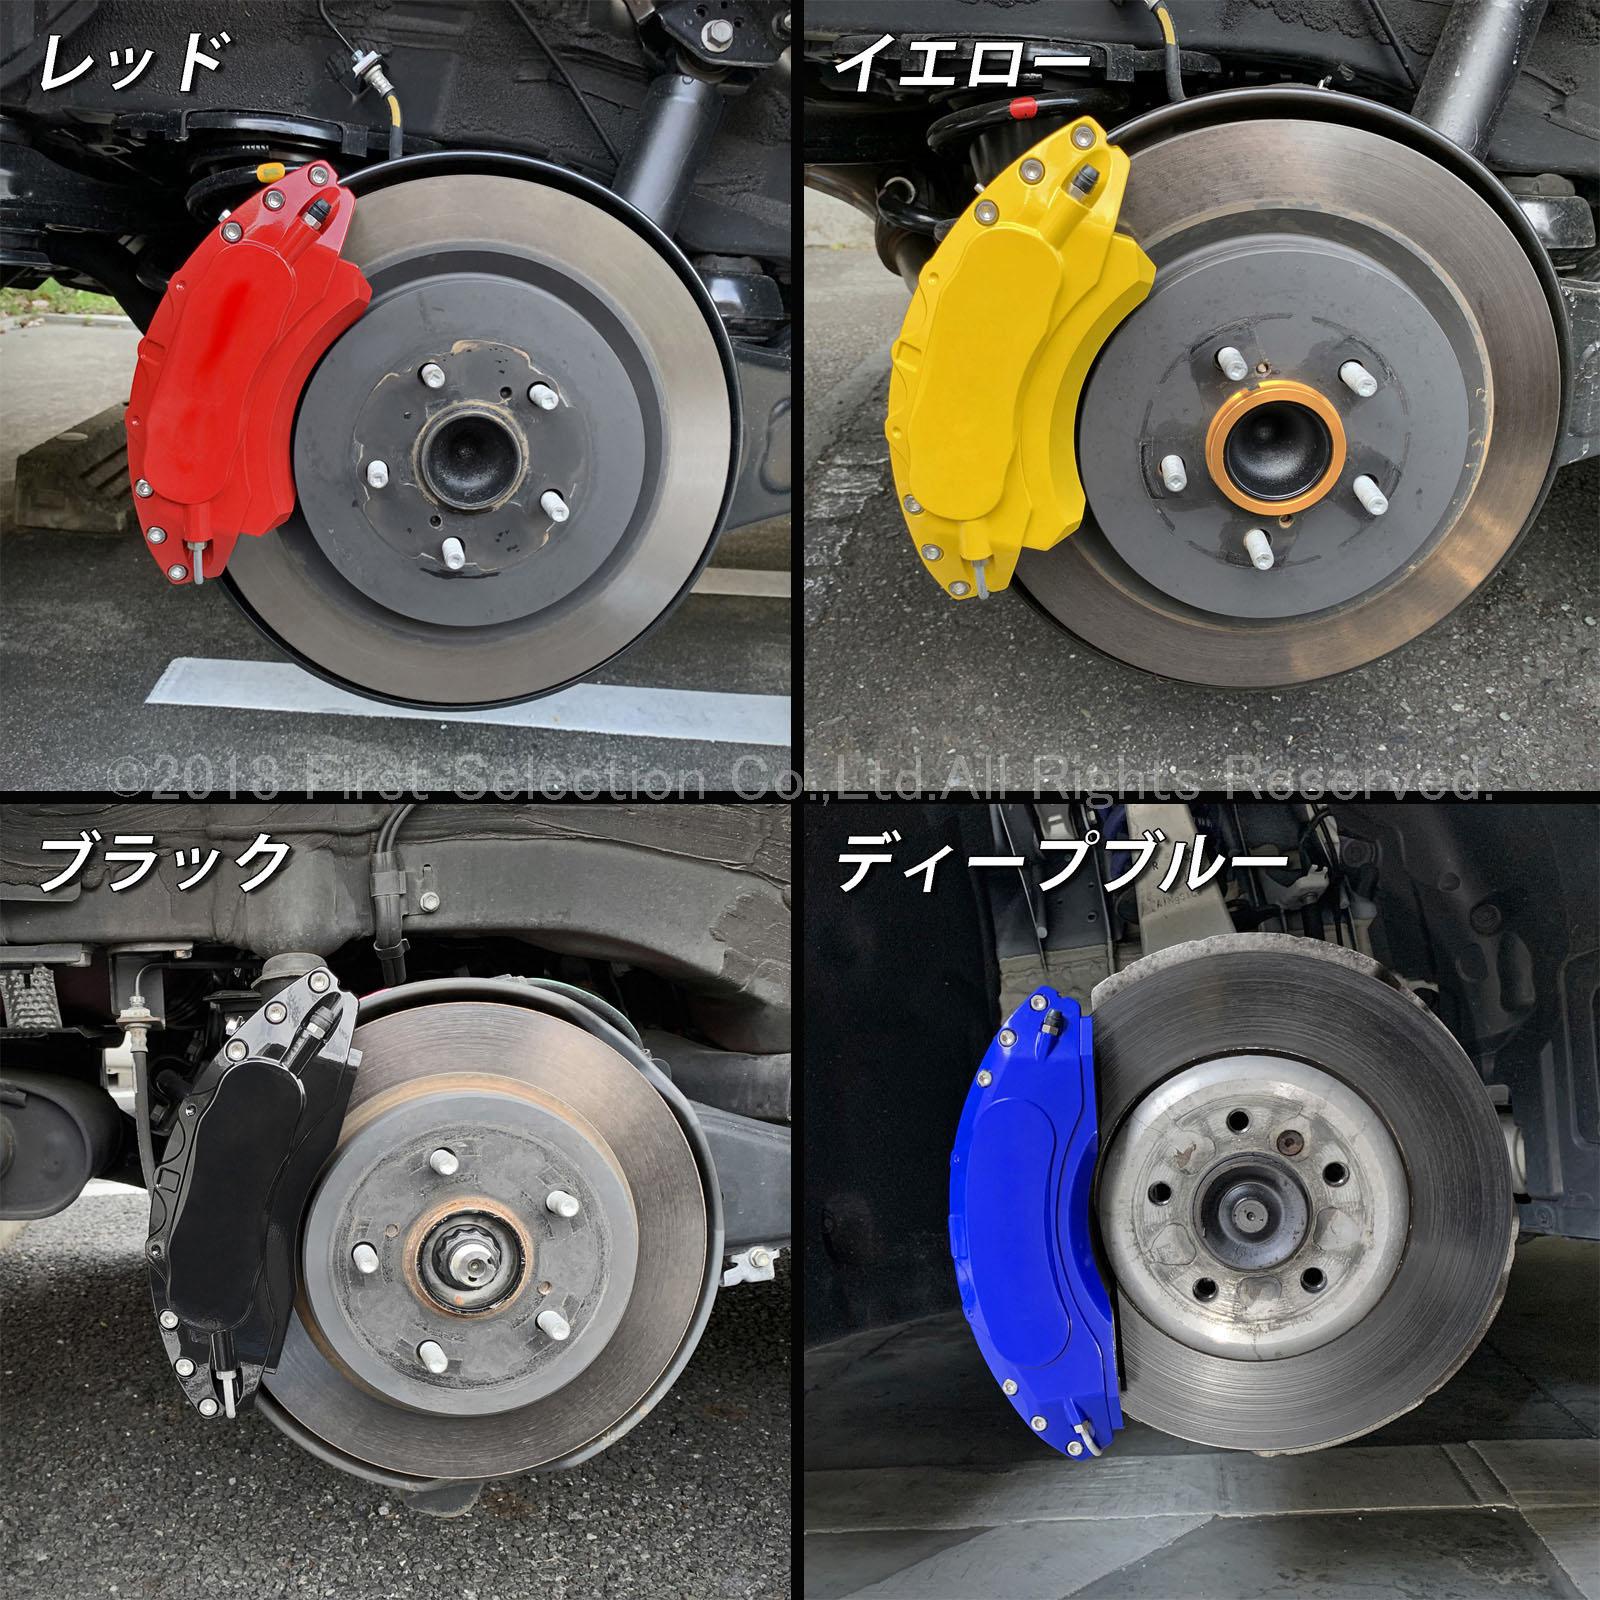 トヨタ車 RAV4ロゴ銀文字 RAV4 50系用 高耐久金属製キャリパーカバーセット赤 50RAV4 MXAA54 MXAA52 AXAH54 AXAH52